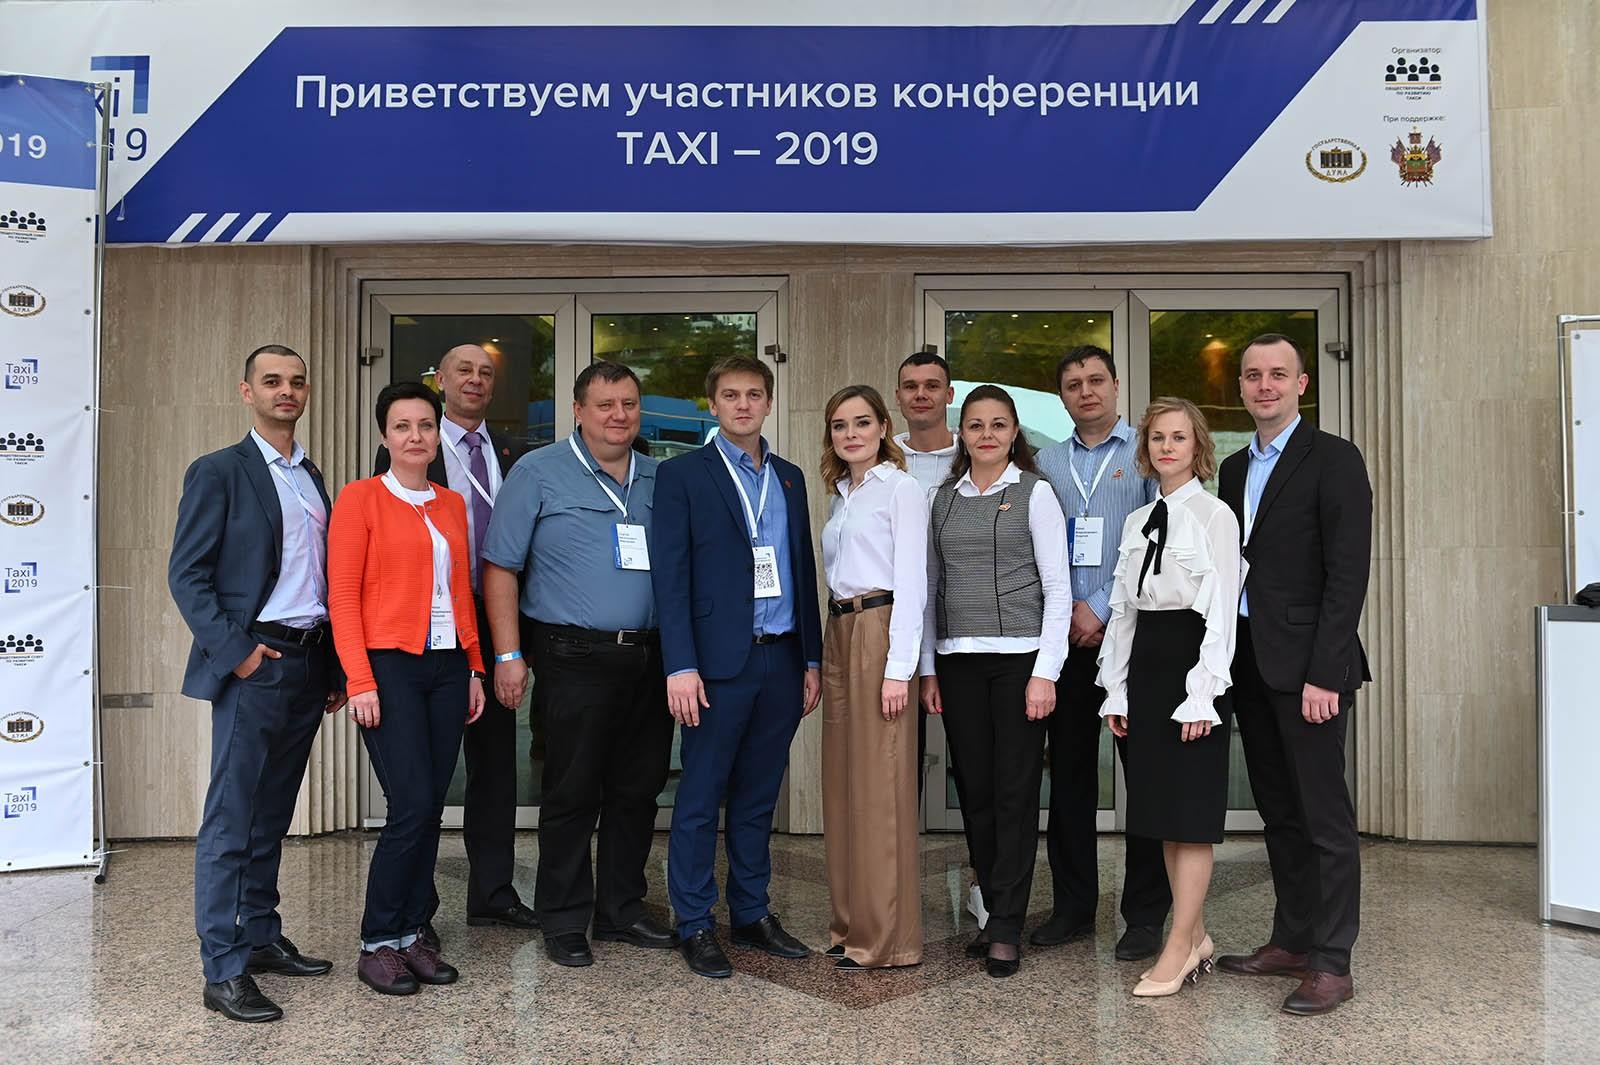 В Сочи с 15 по 16 октября пройдет IV Всероссийская конференция ТАХI-2020